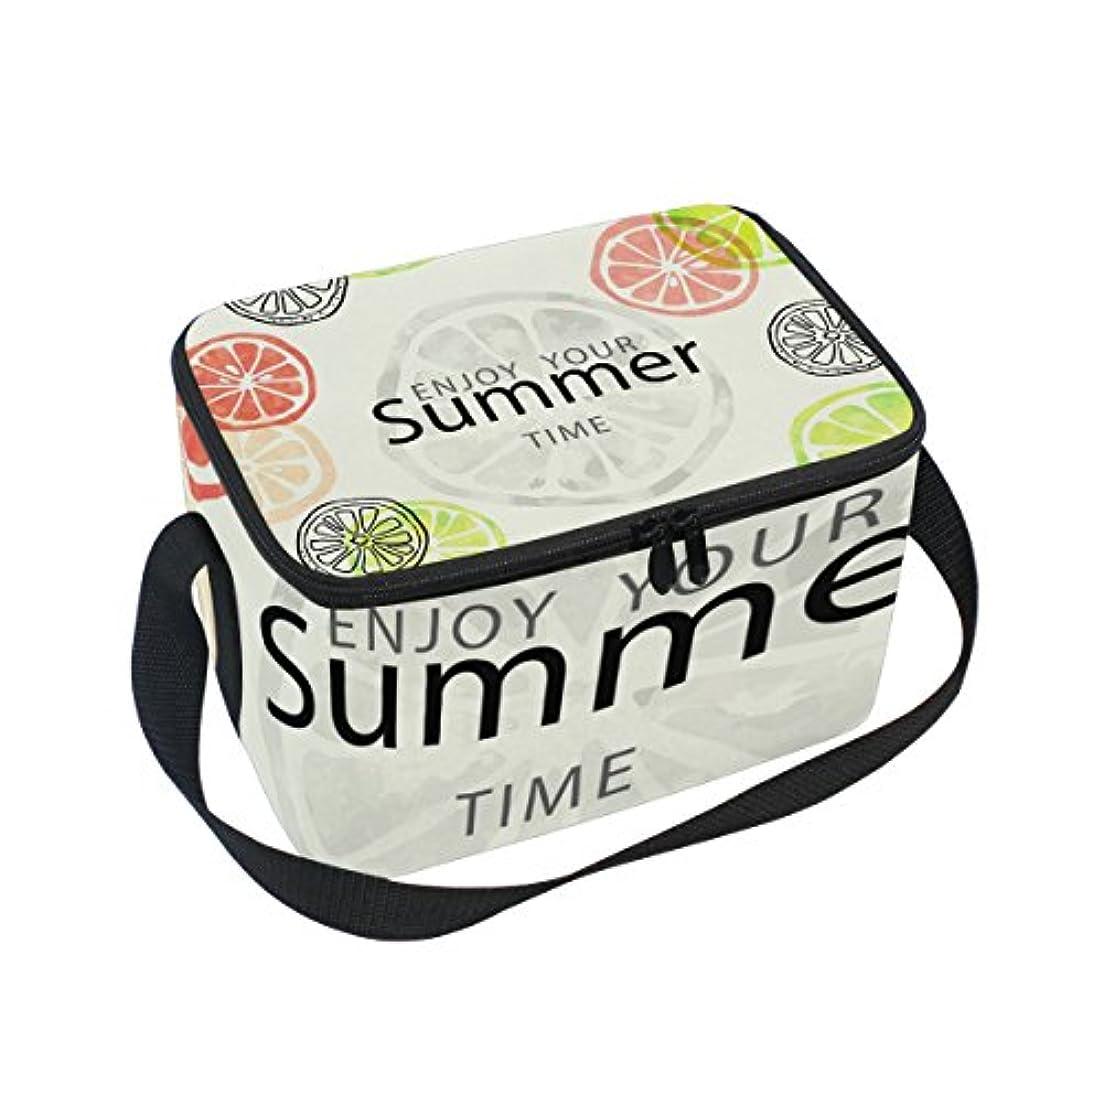 解く恥ずかしさワックスクーラーバッグ クーラーボックス ソフトクーラ 冷蔵ボックス キャンプ用品 夏 グレープフルーツ 保冷保温 大容量 肩掛け お花見 アウトドア